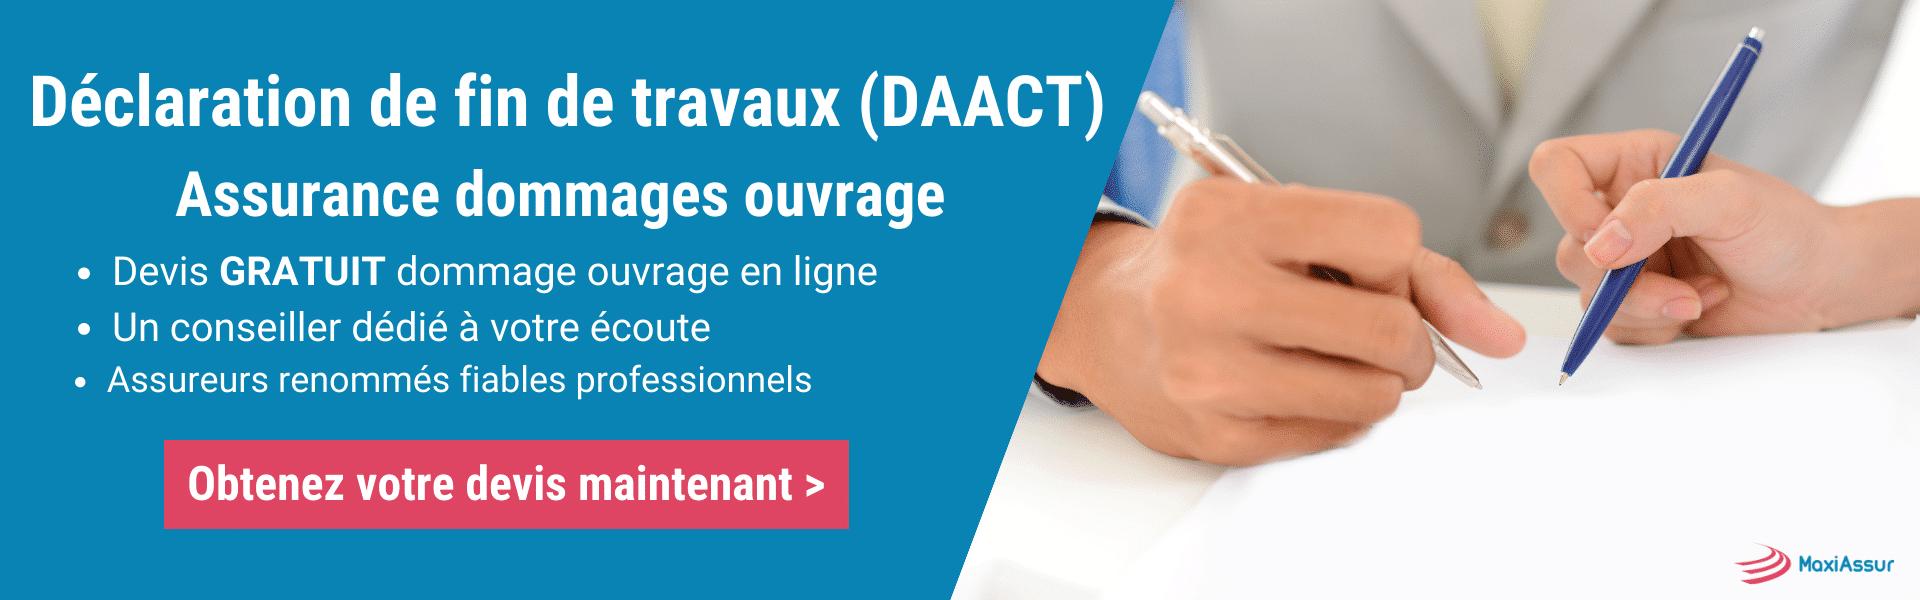 Déclaration de fin de travaux (DAACT)